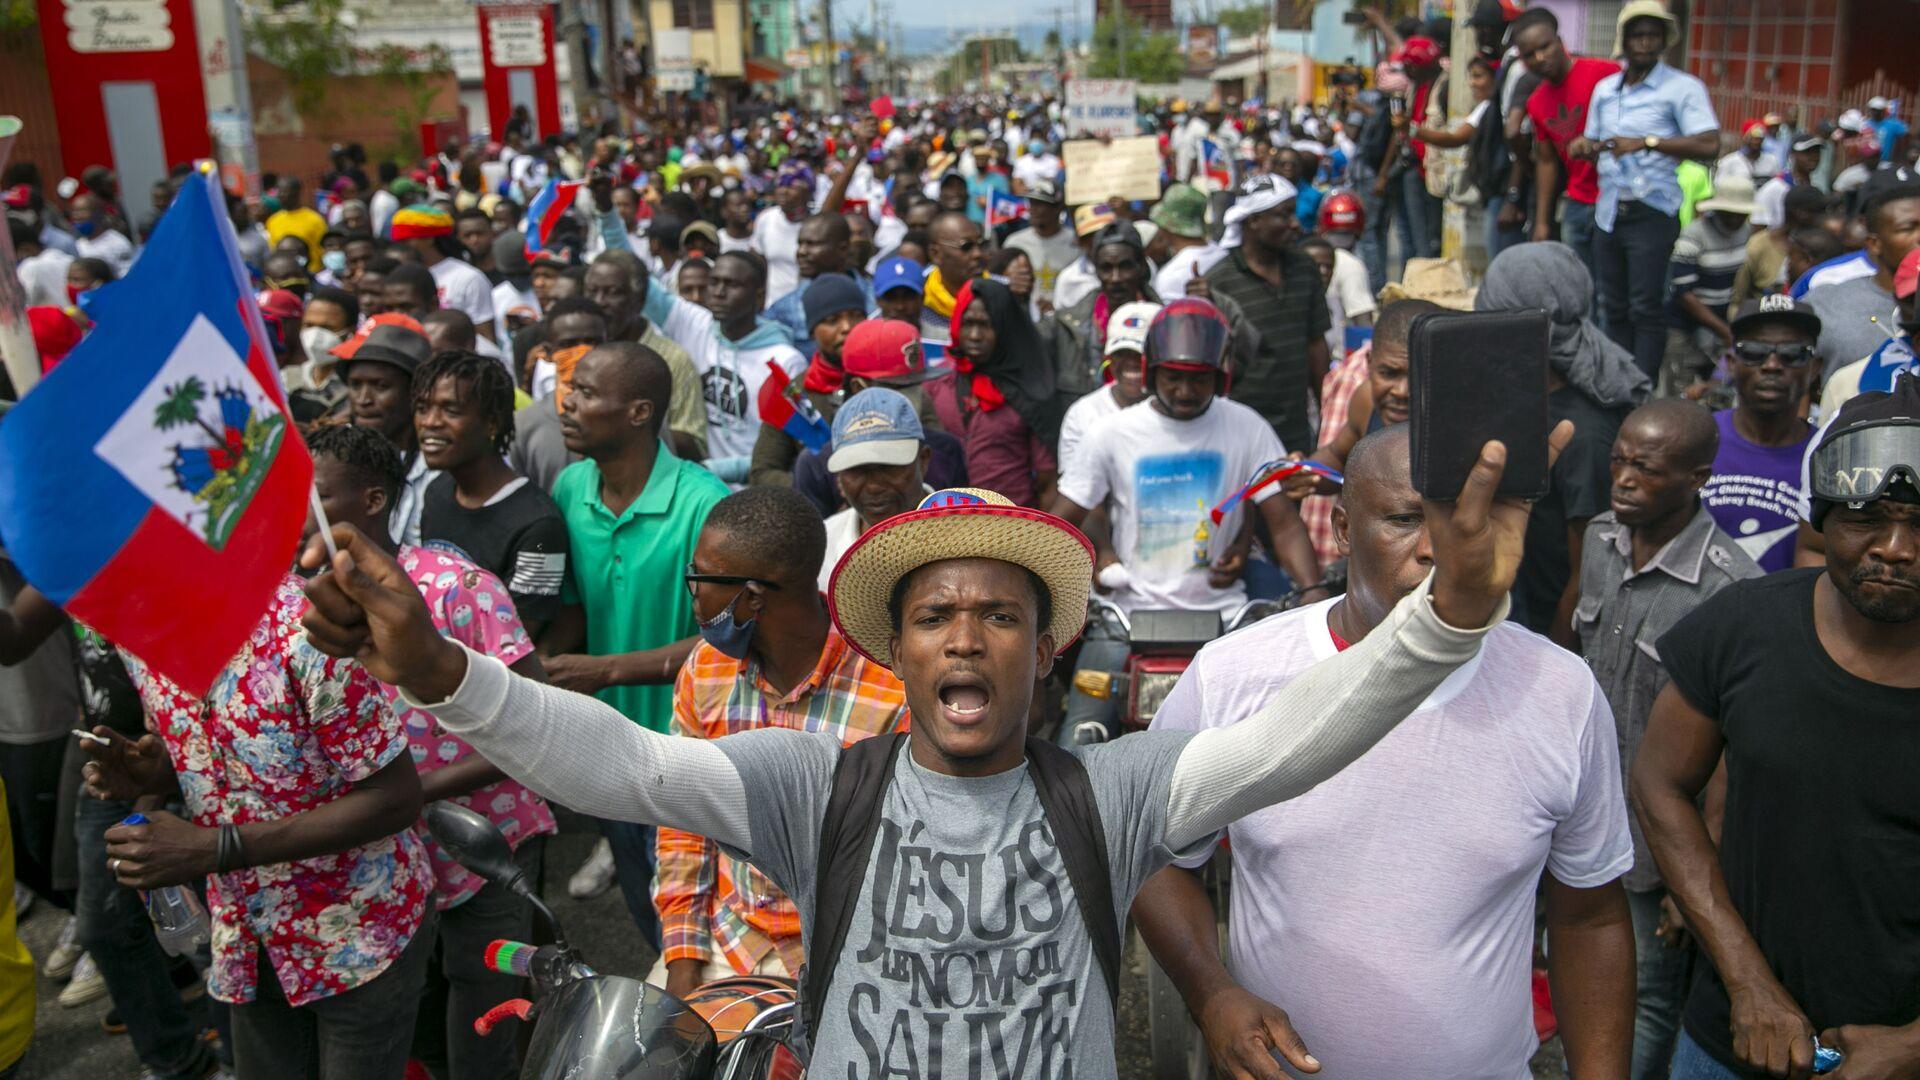 Persone in protesta per chiedere le dimissioni del presidente haitiano Jovenel Moise a Port-au-Prince, Haiti, domenica 28 febbraio 2021. L'opposizione contesta il mandato del presidente Moise, che si è concluso il 7 febbraio, ma il presidente e i suoi sostenitori dicono che il suo mandato quinquennale scade solo nel 2022. - Sputnik Italia, 1920, 03.06.2021